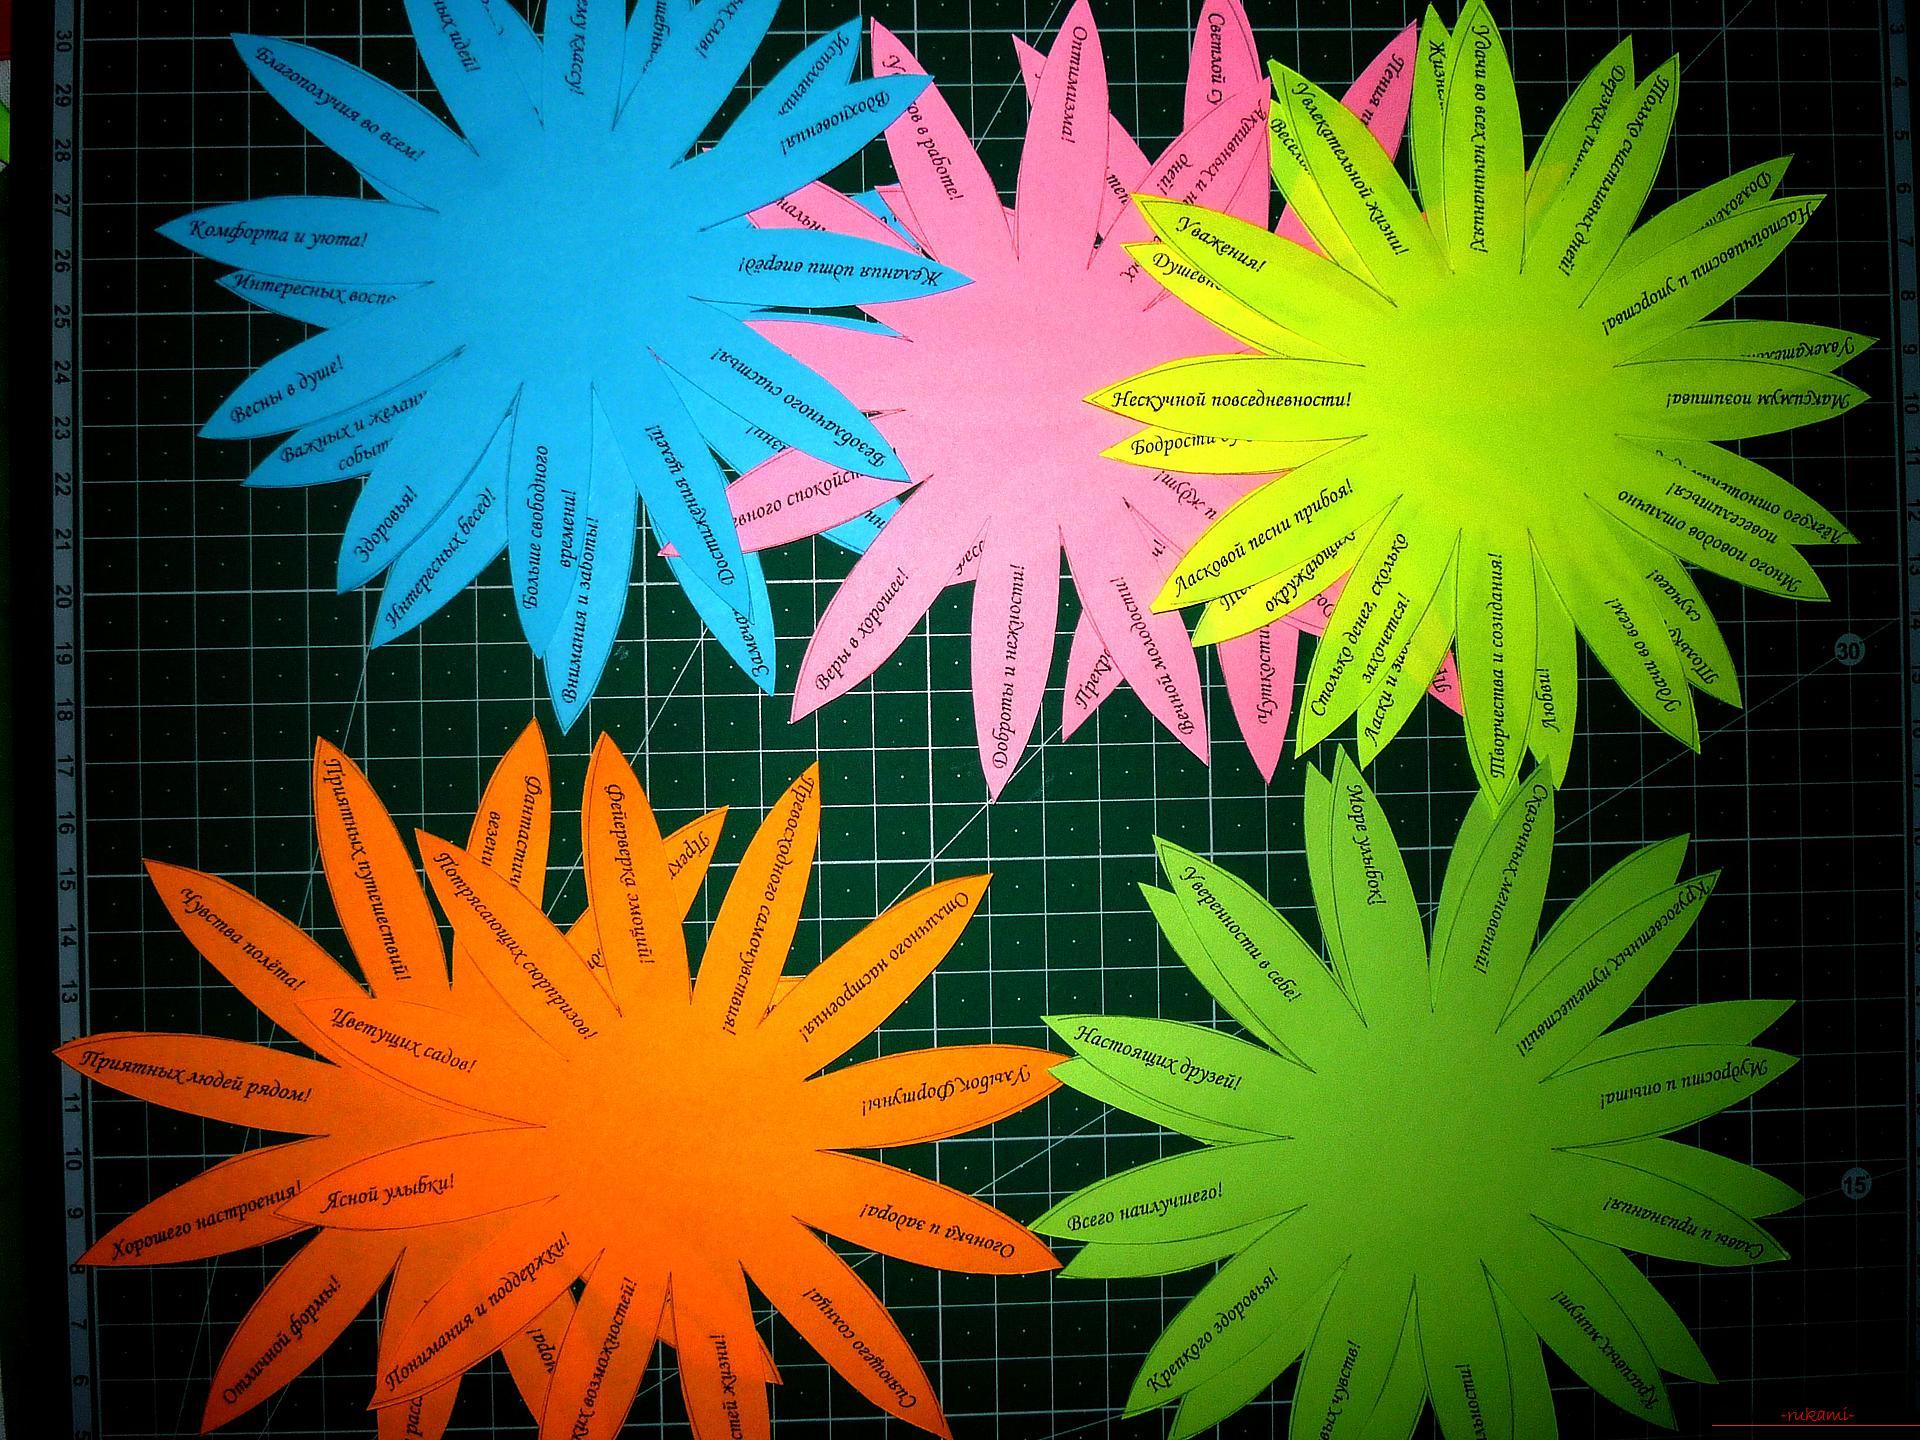 Этот подробный мастер-класс поделки из бумаги своими руками с фото и описанием научит как сделать ромашку с пожеланиями.. Фото №13